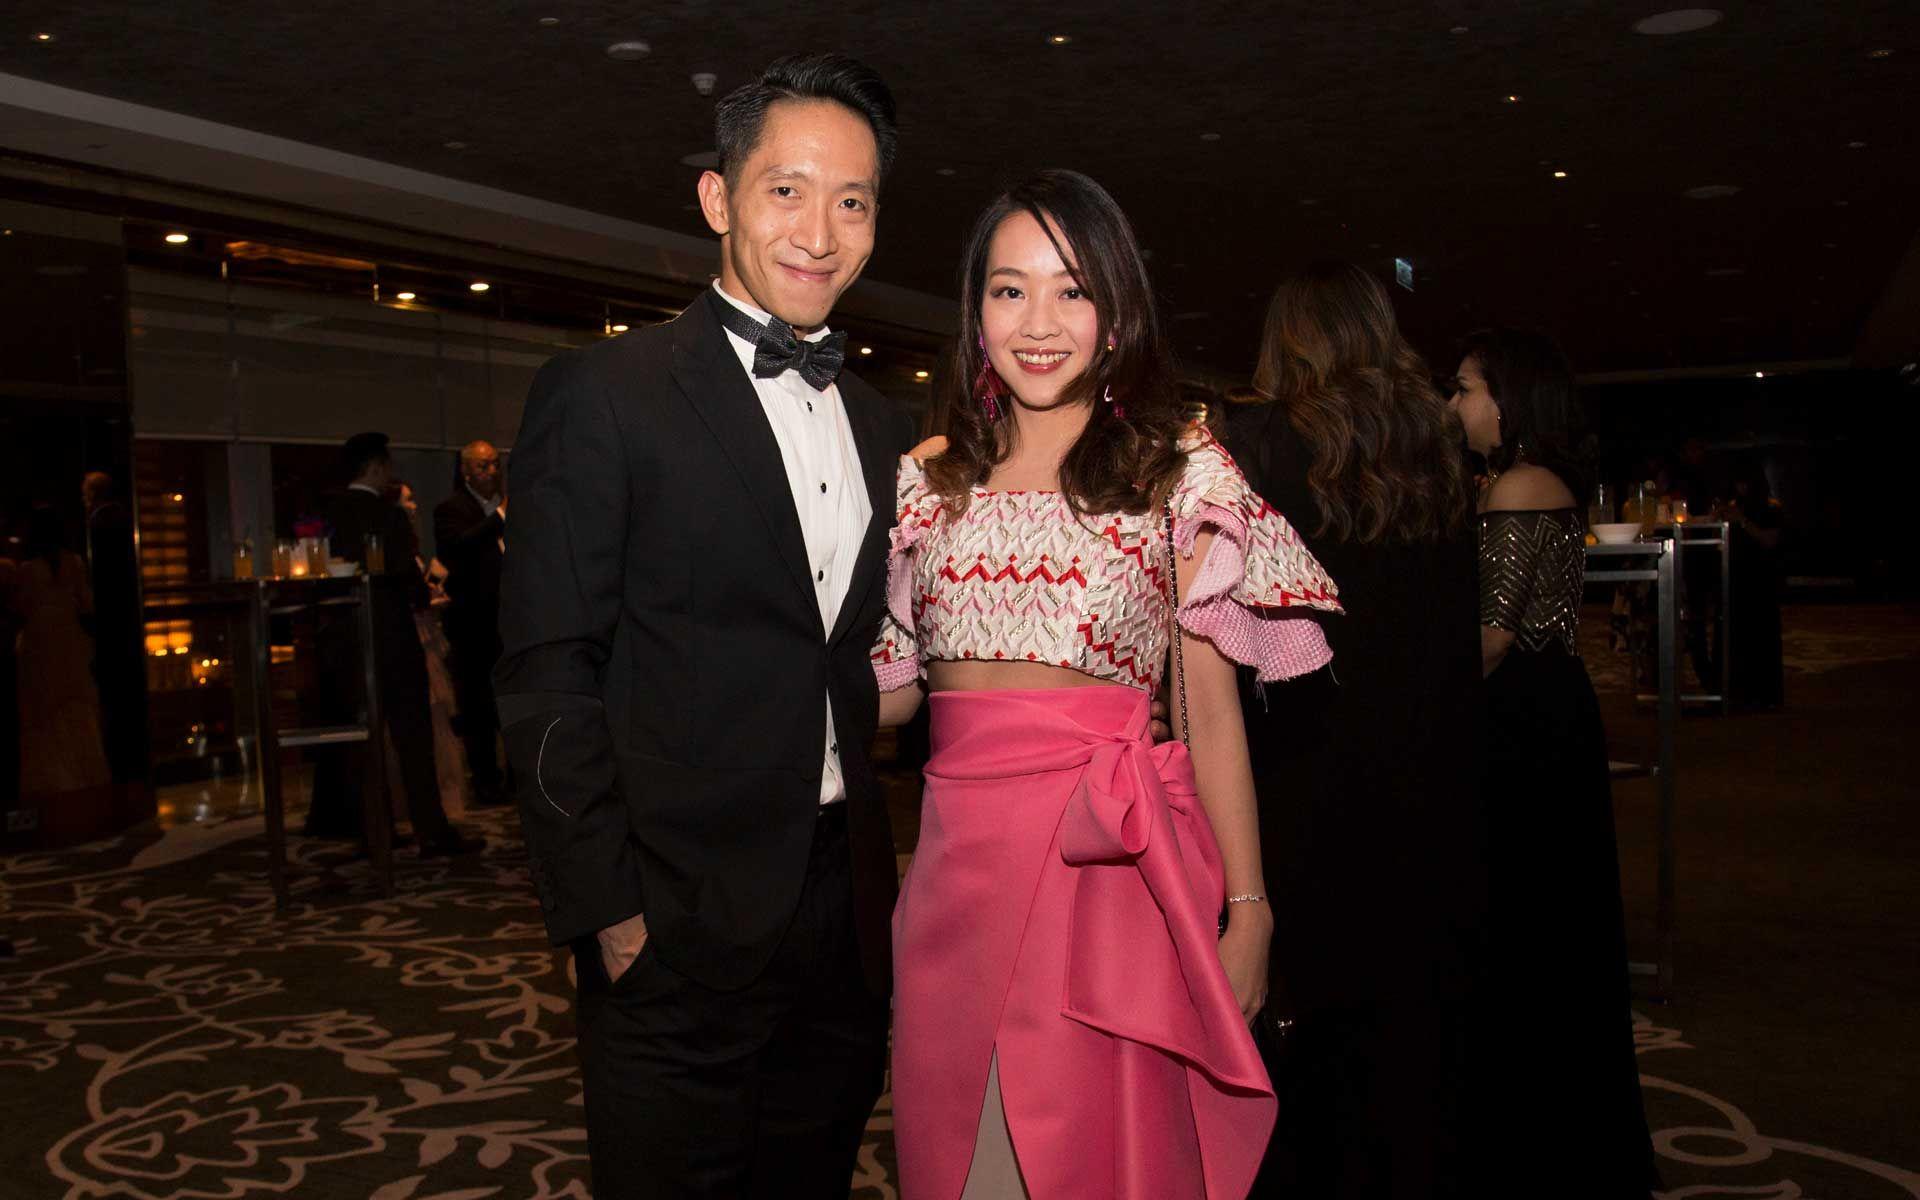 Yap Weng Yau and Evonne Khoo